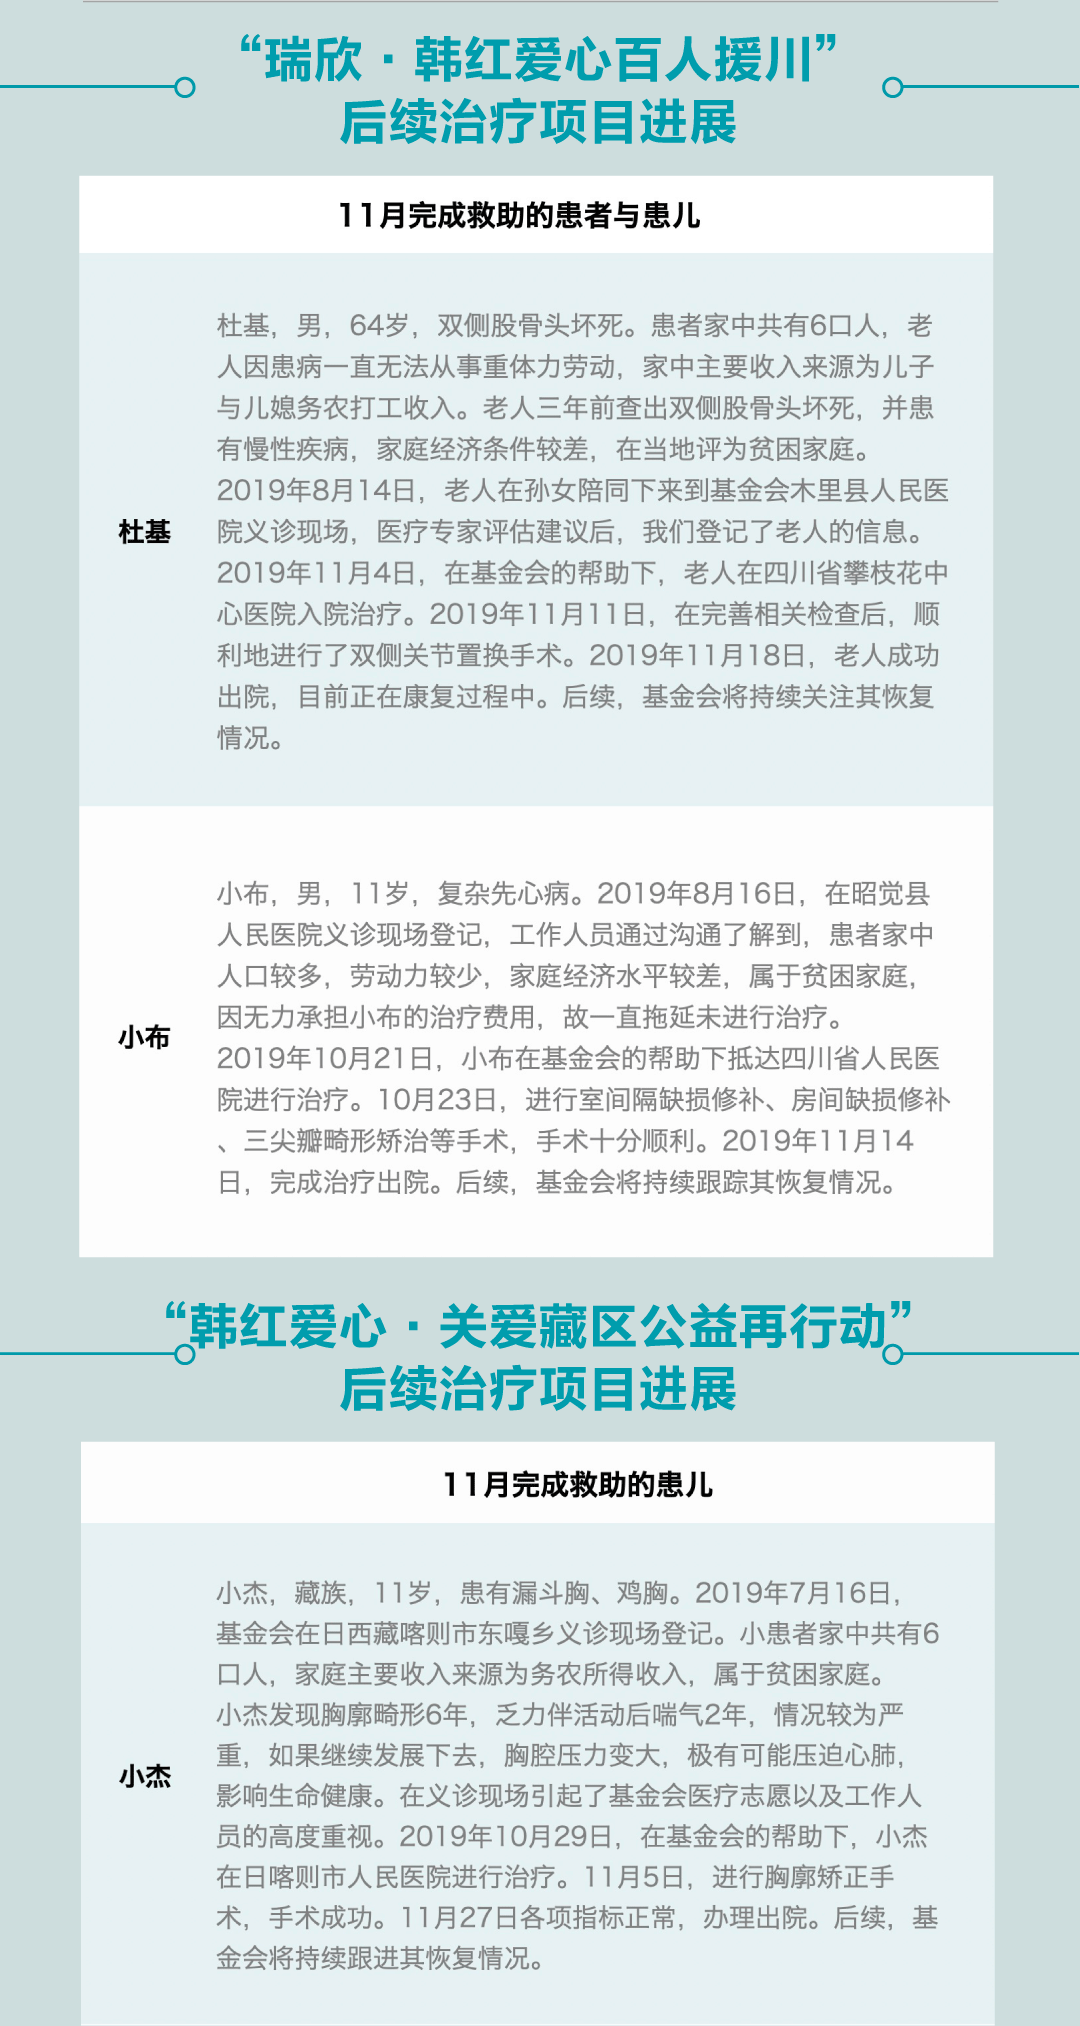 11月份月报_04.png